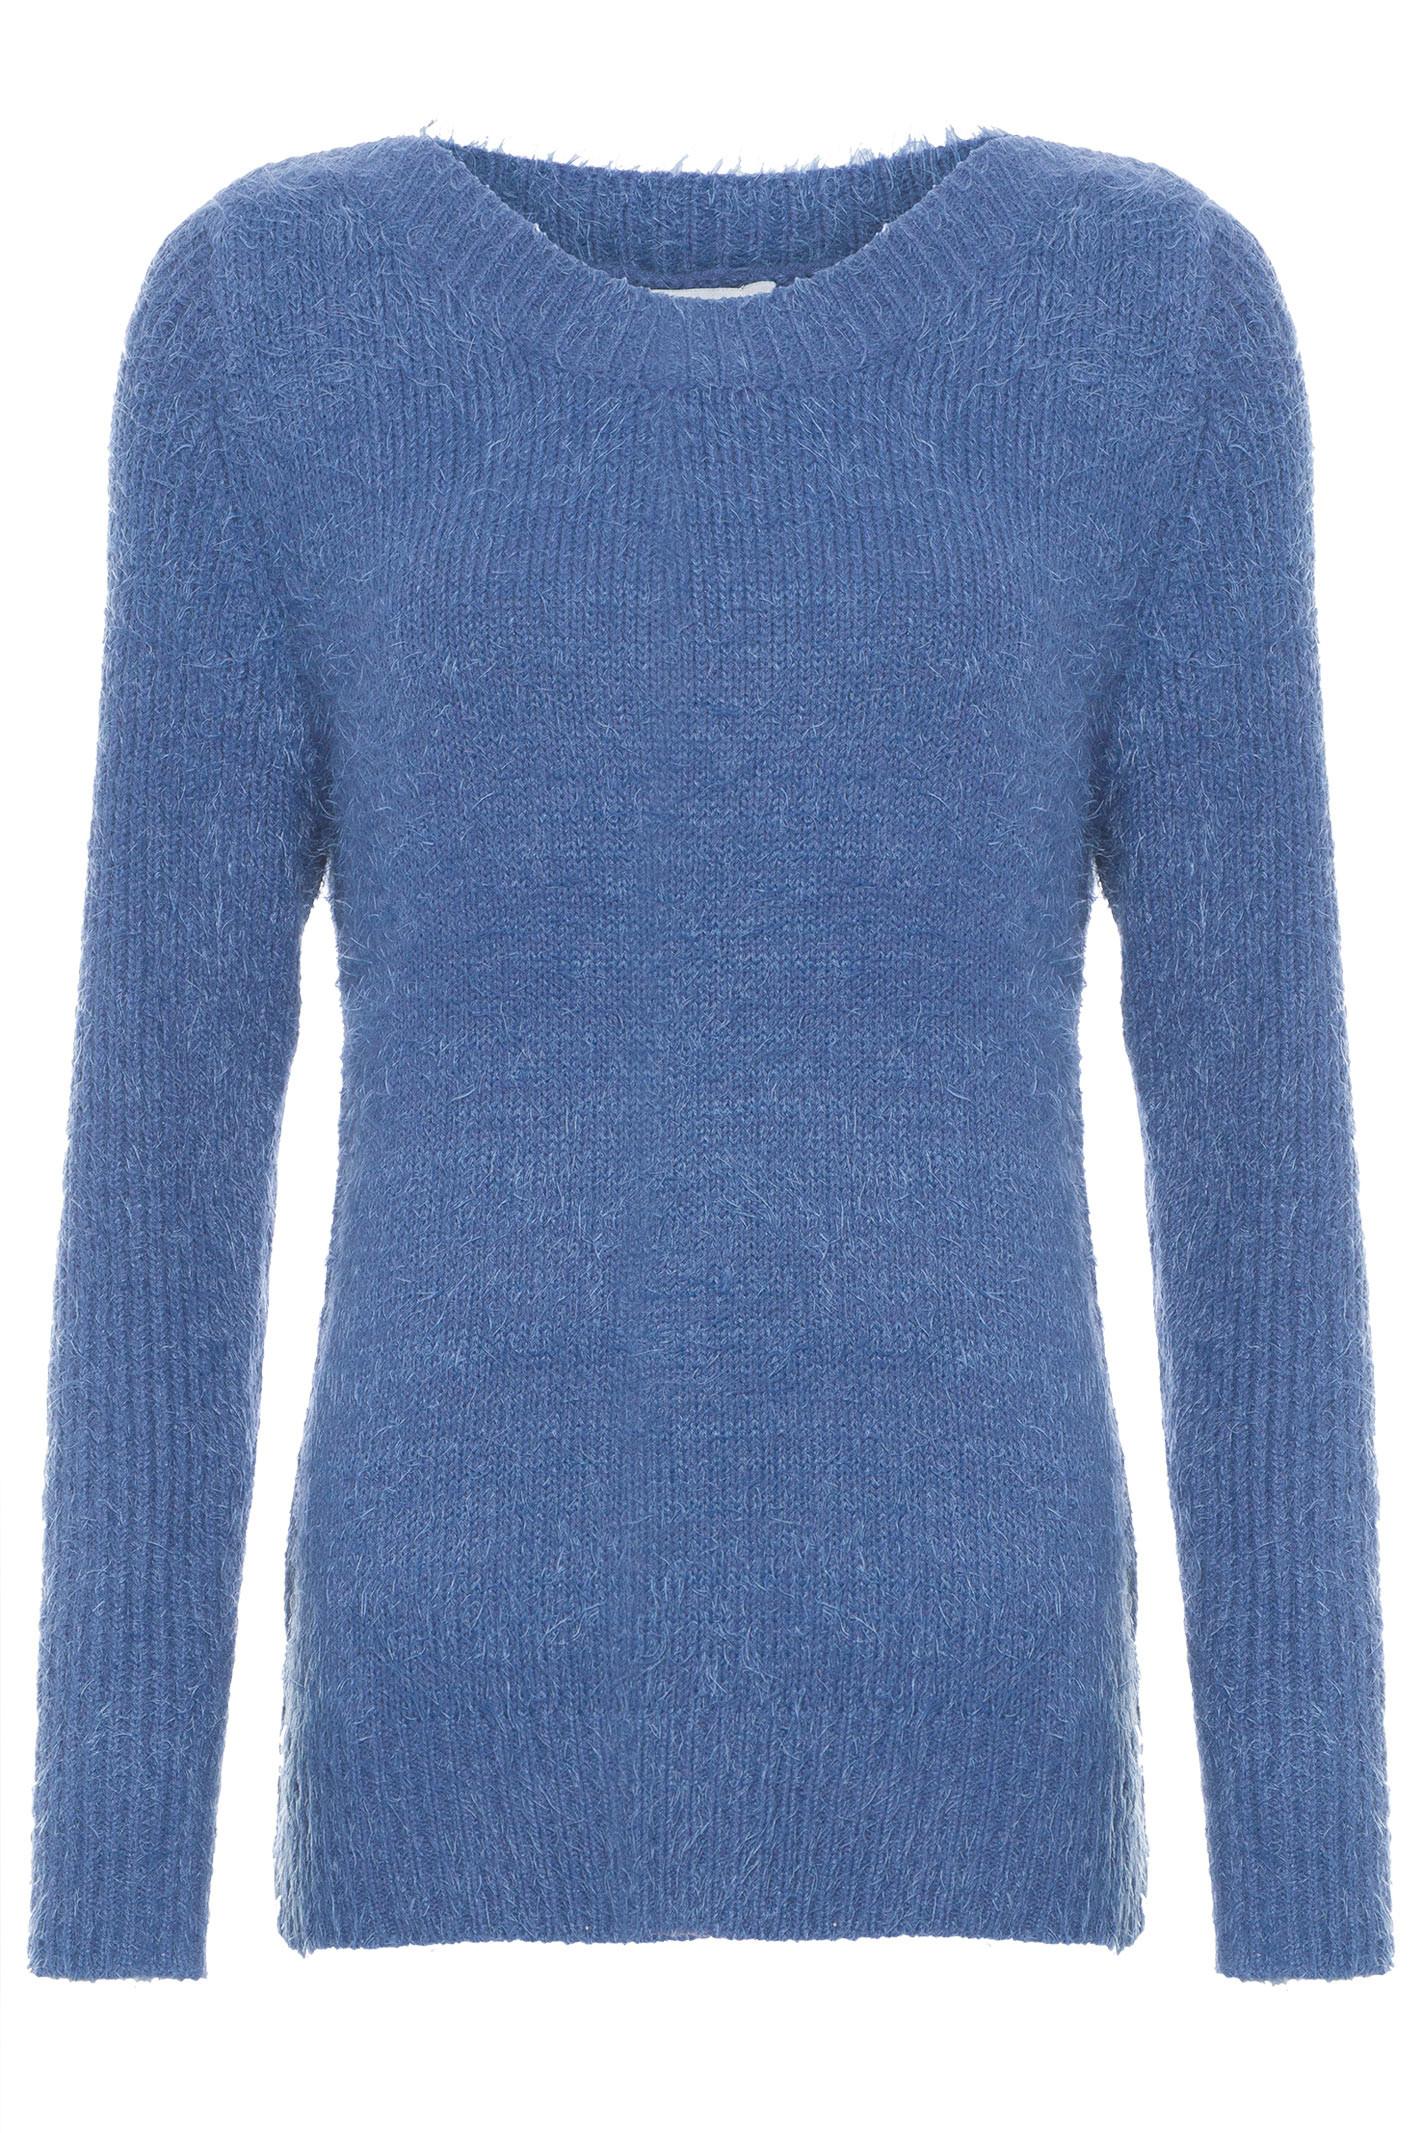 Suéter Pelo Curto - Azul